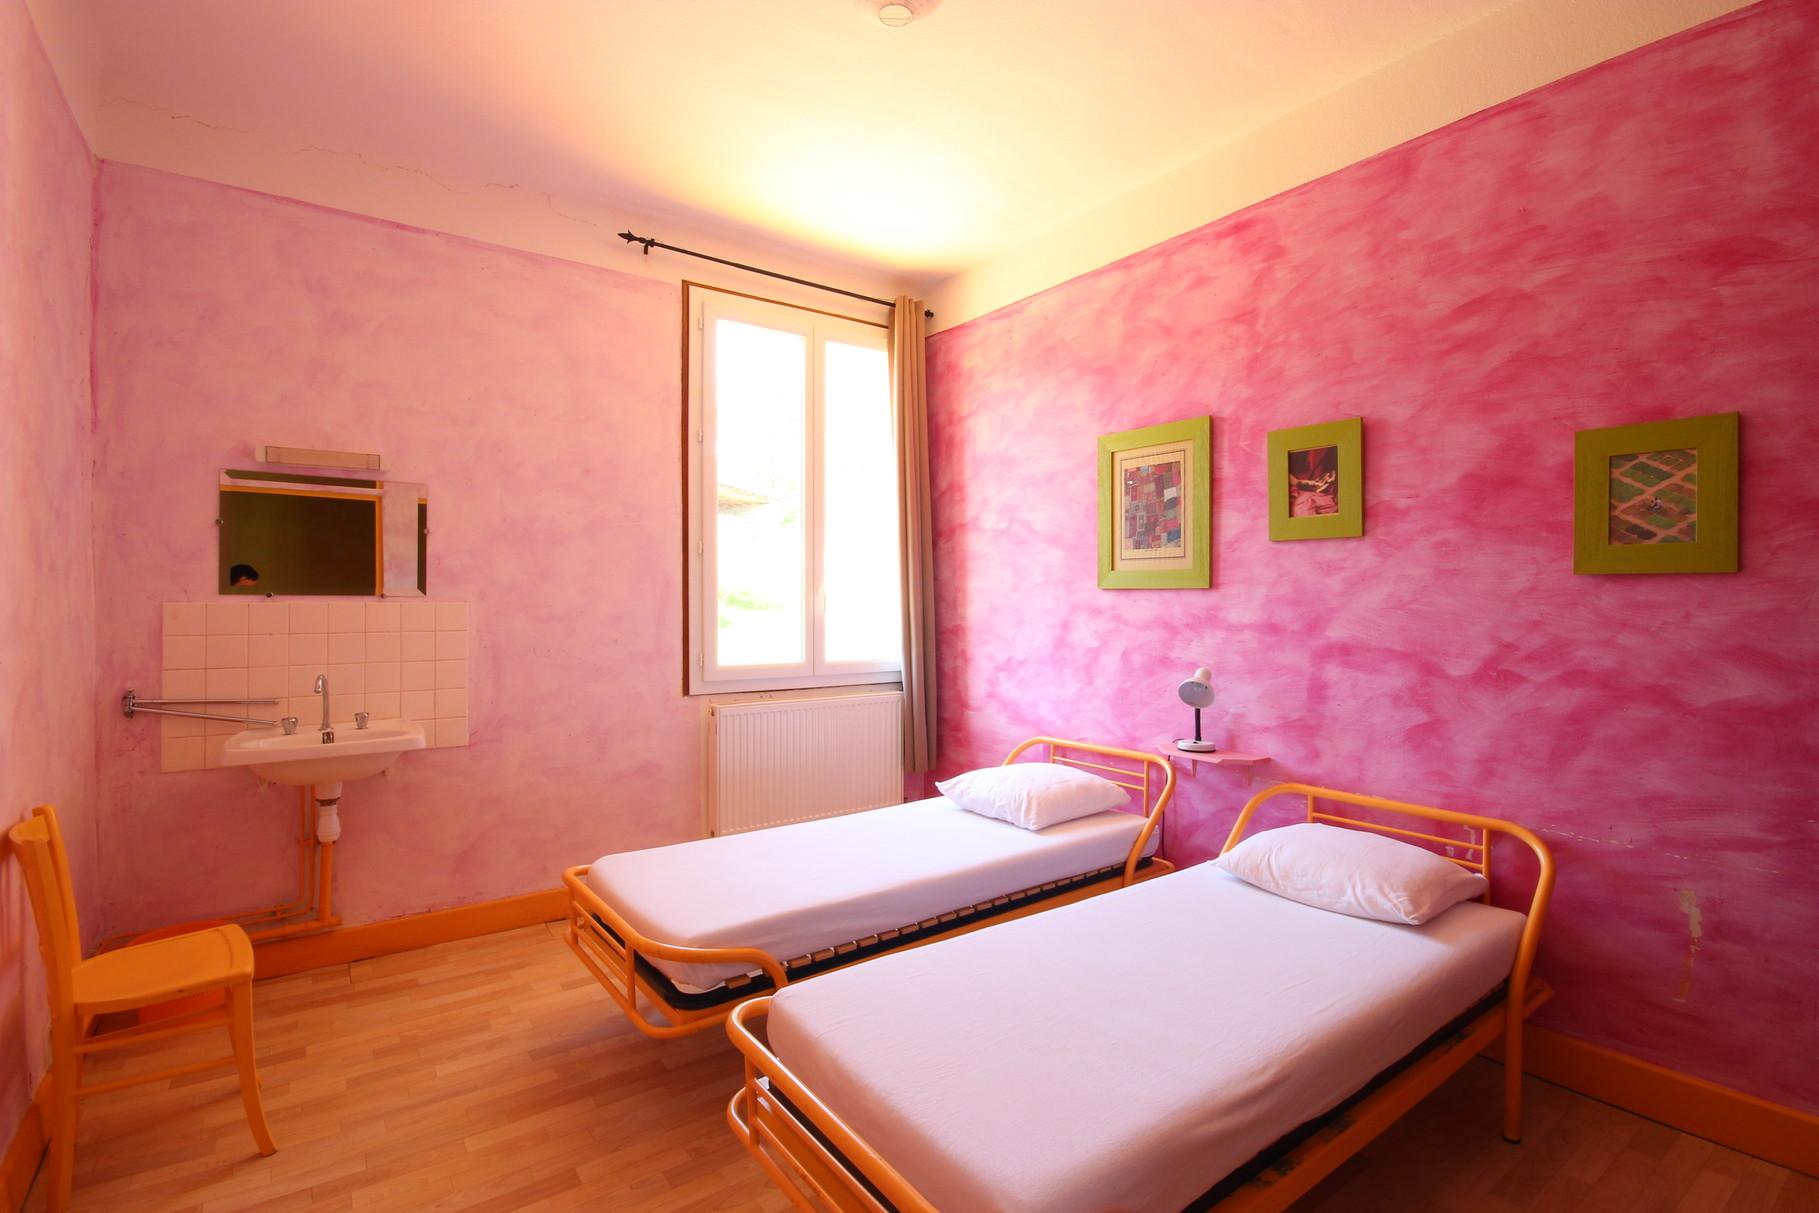 Chambre de deux lits avec lavabo